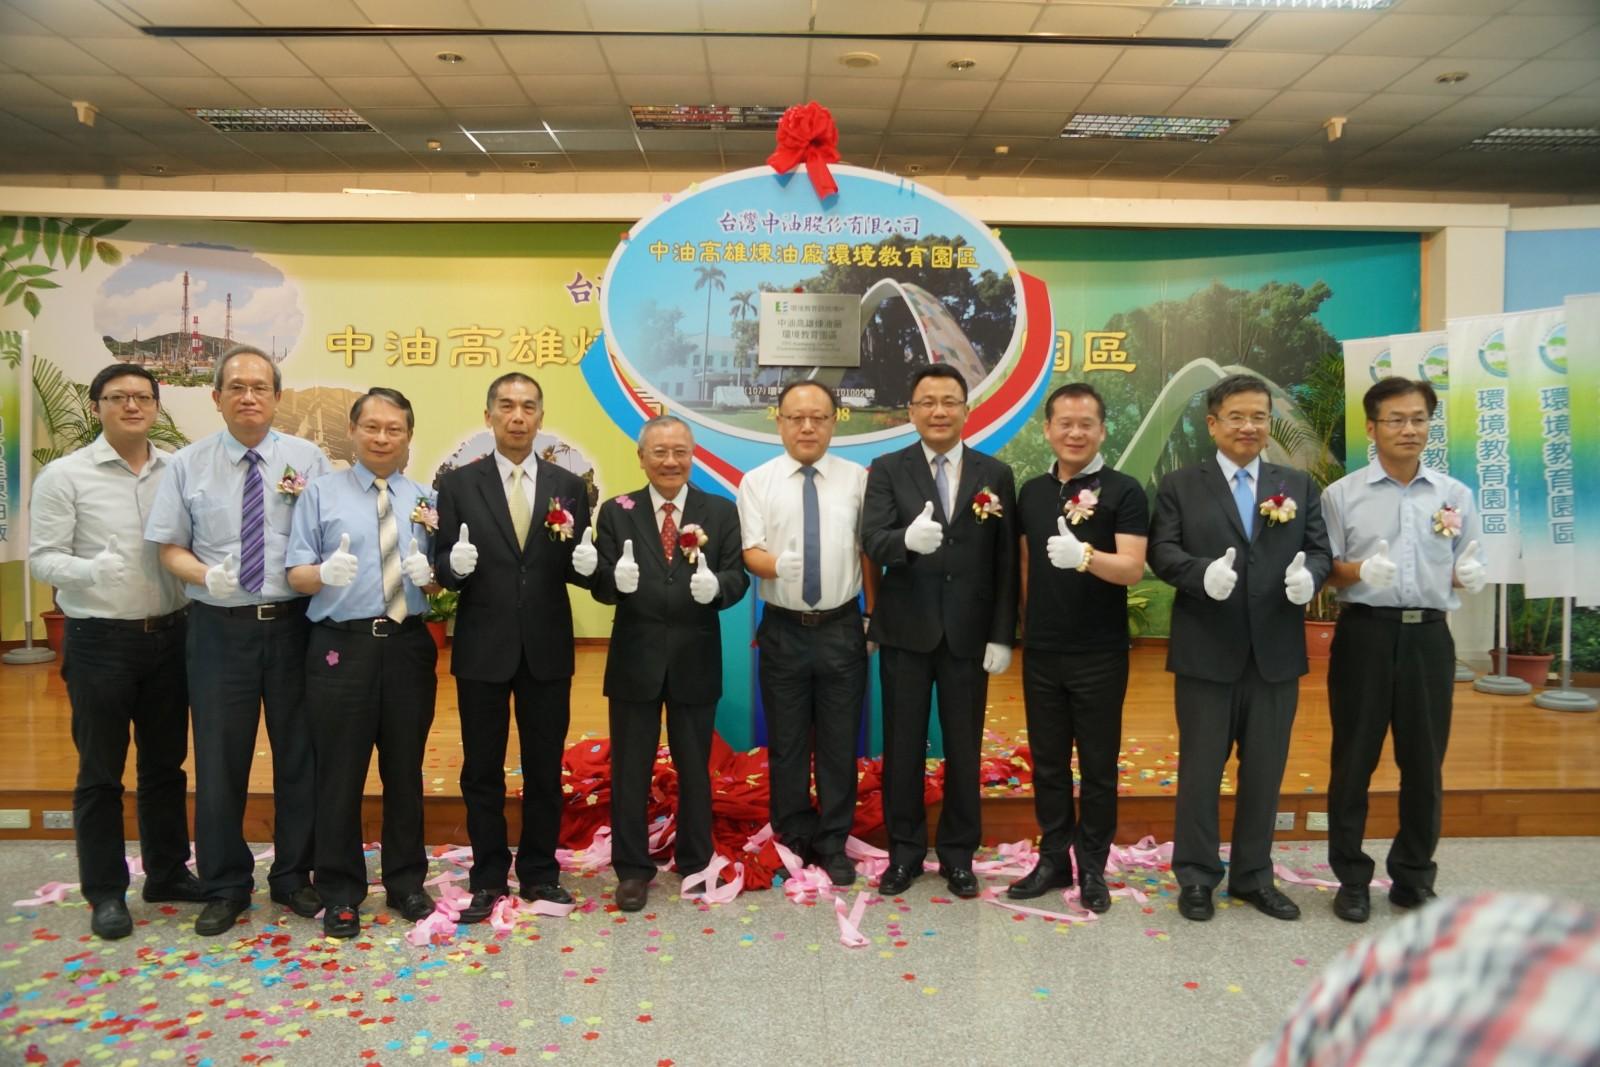 中油環境教育園區揭牌 高雄新建企業大樓規畫中